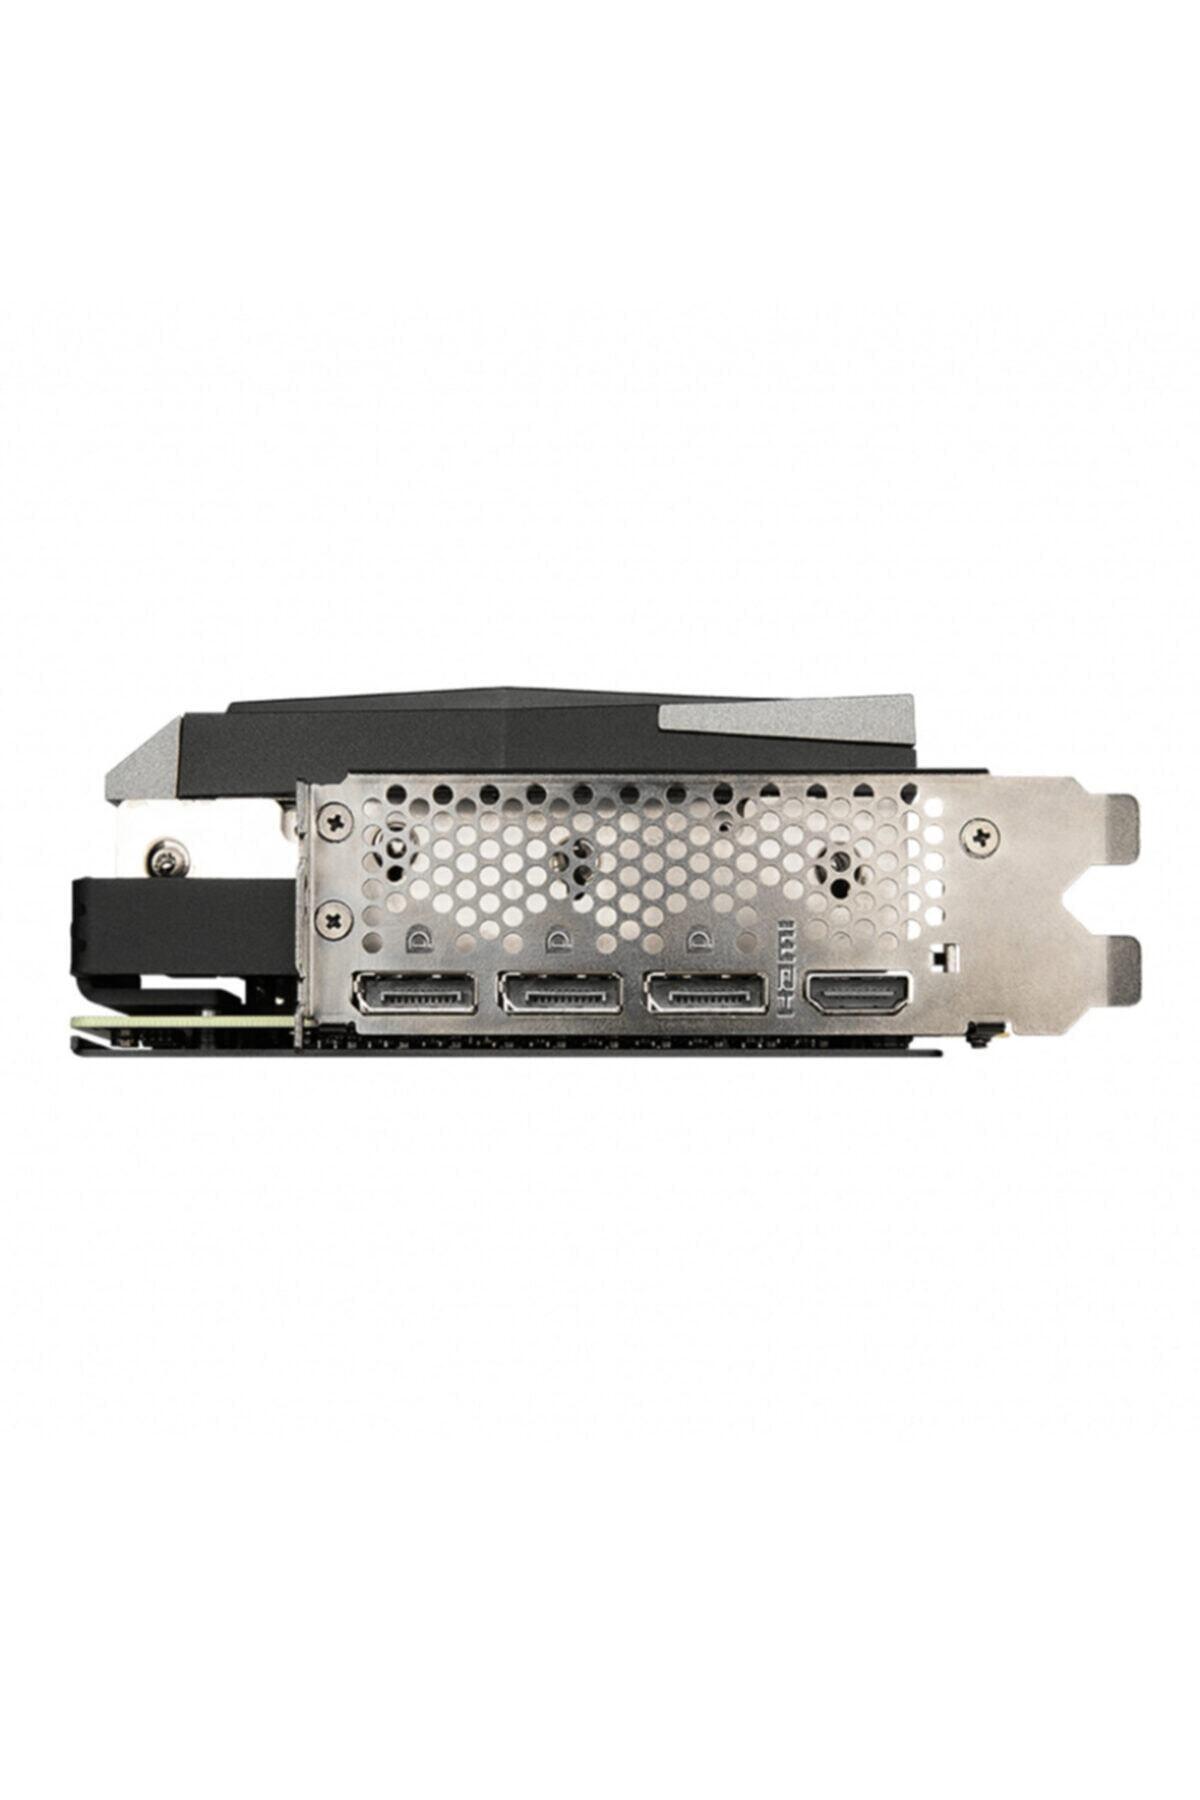 MSI Geforce Rtx 3070 Gamıng X Trıo 8gb Gddr6 256 Bit Ekran Kartı